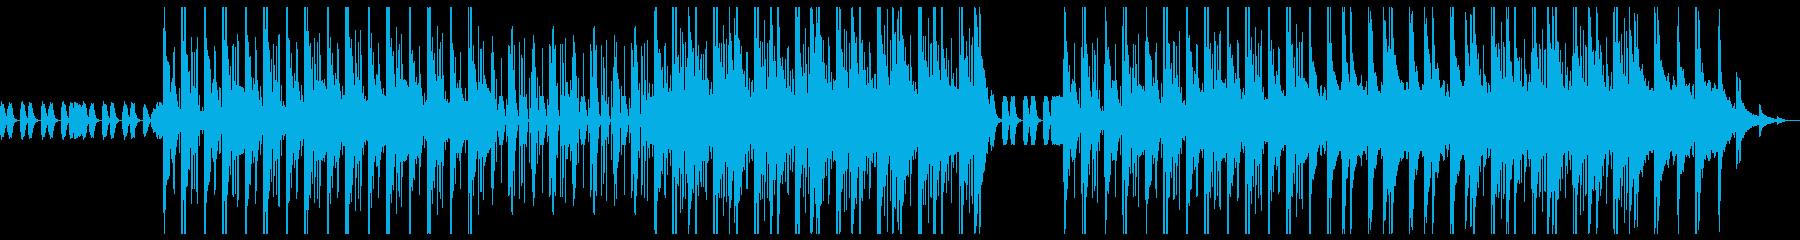 ダークな雰囲気のトラップビート ピアノの再生済みの波形